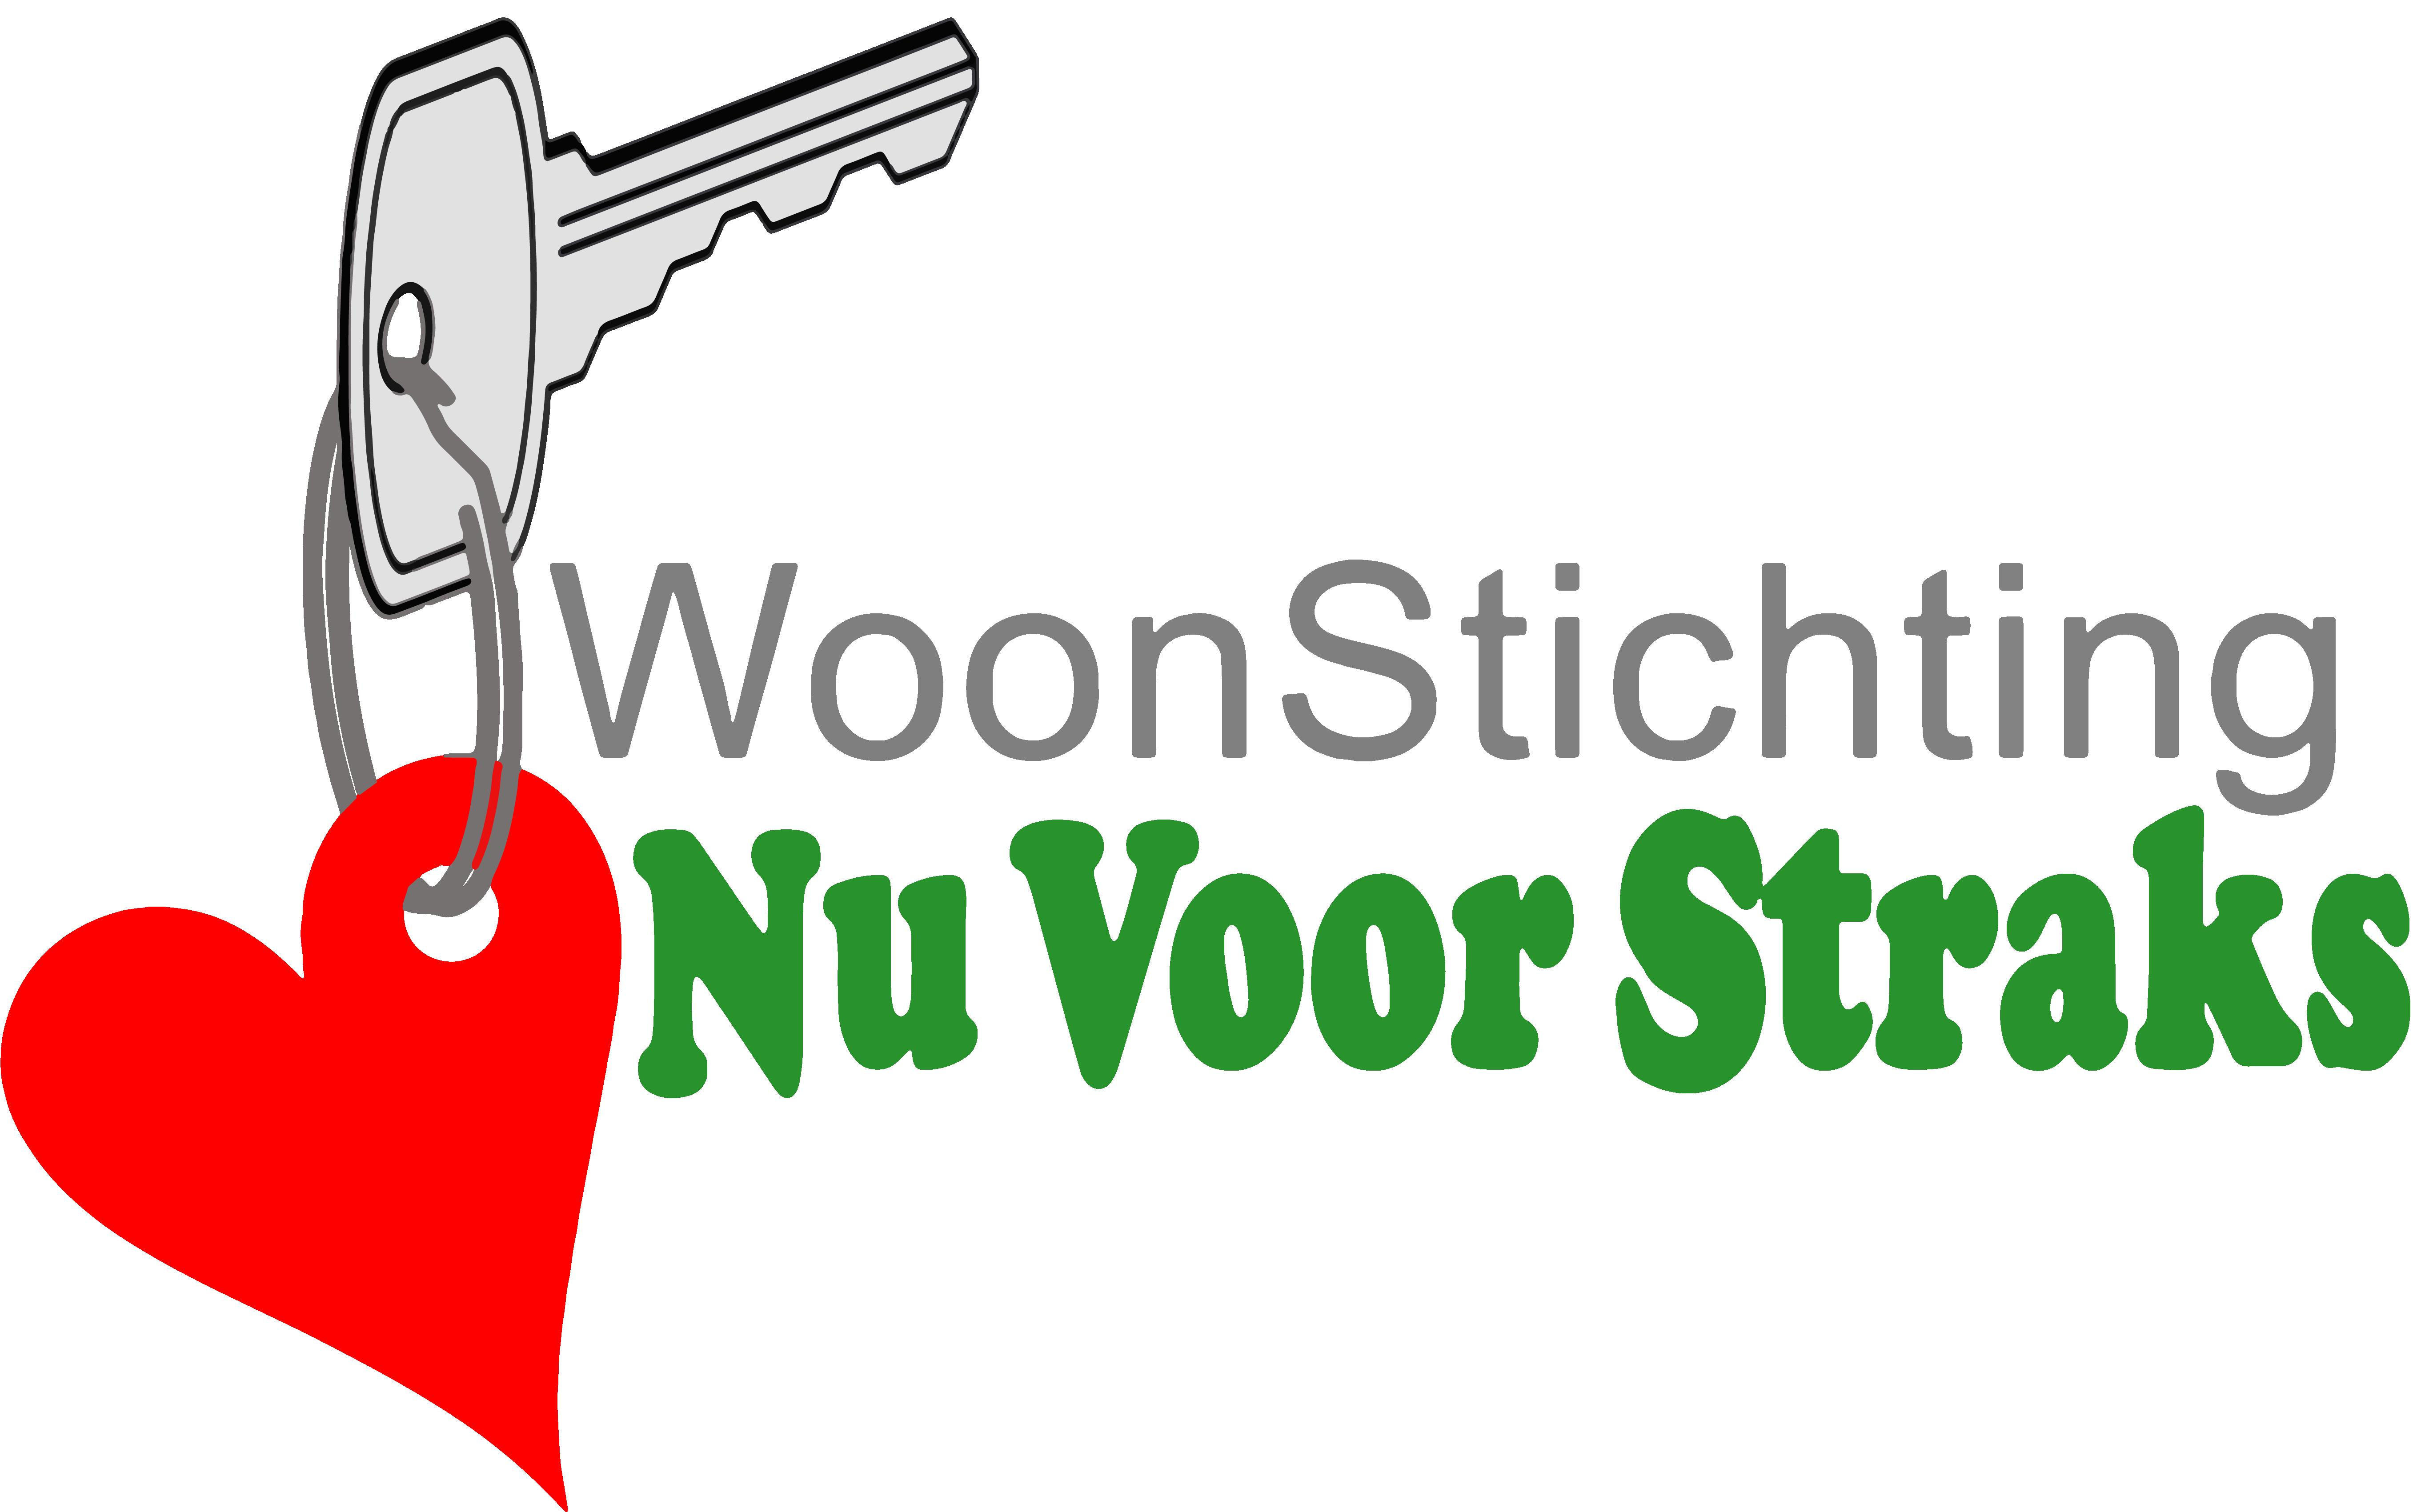 Woonstichting NuVoorStraks